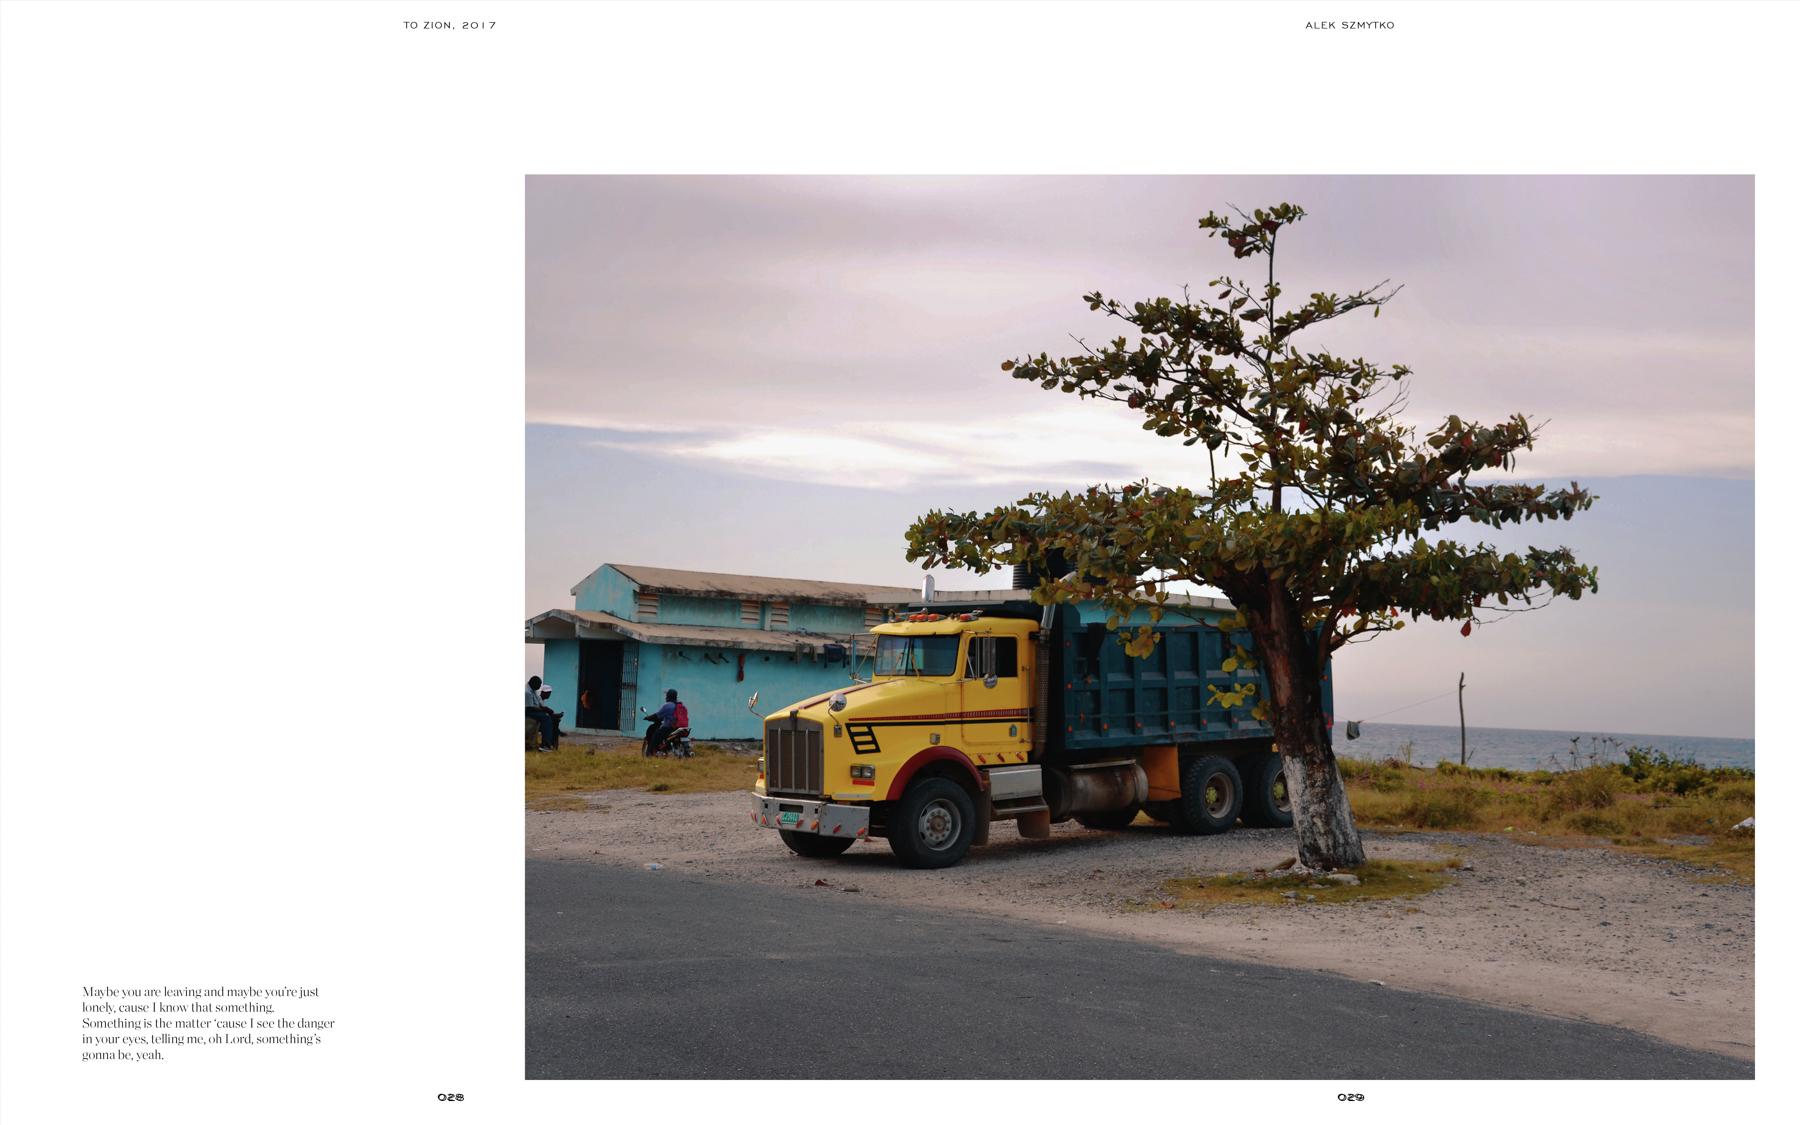 Alek-szmytko-jamaica-14.jpg